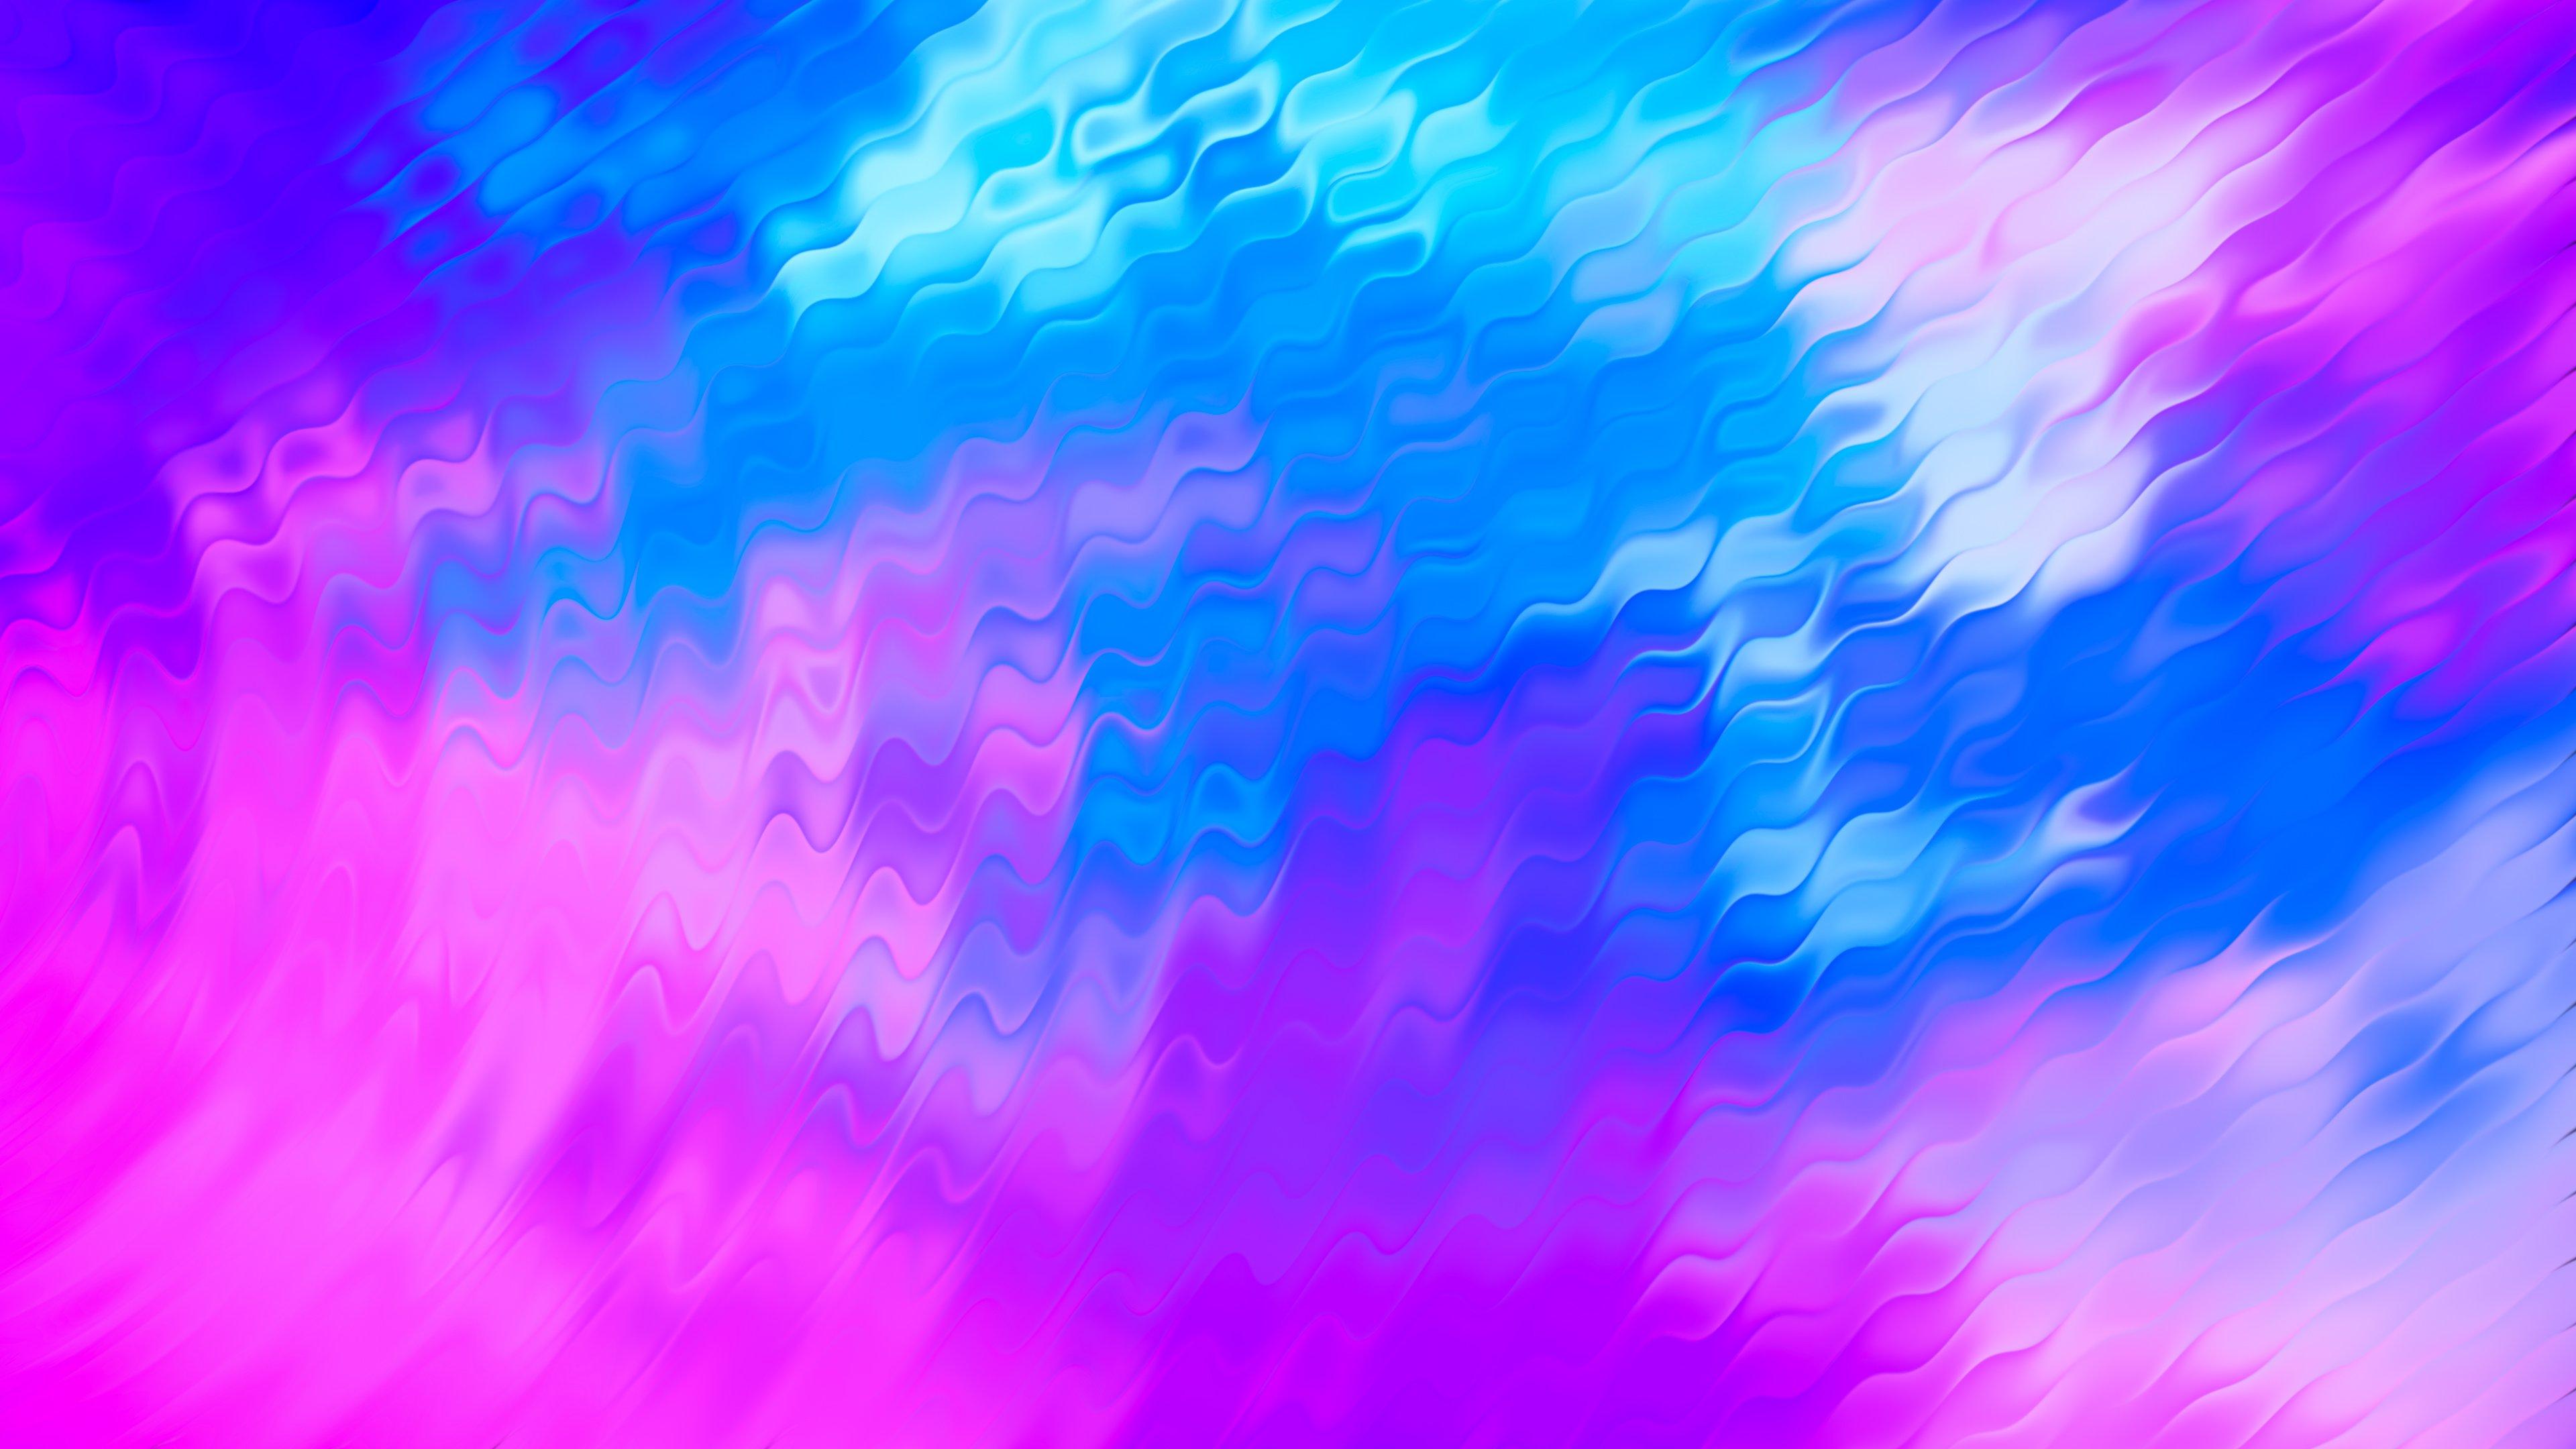 Fondos de pantalla Figuras abstractas rosas y azules